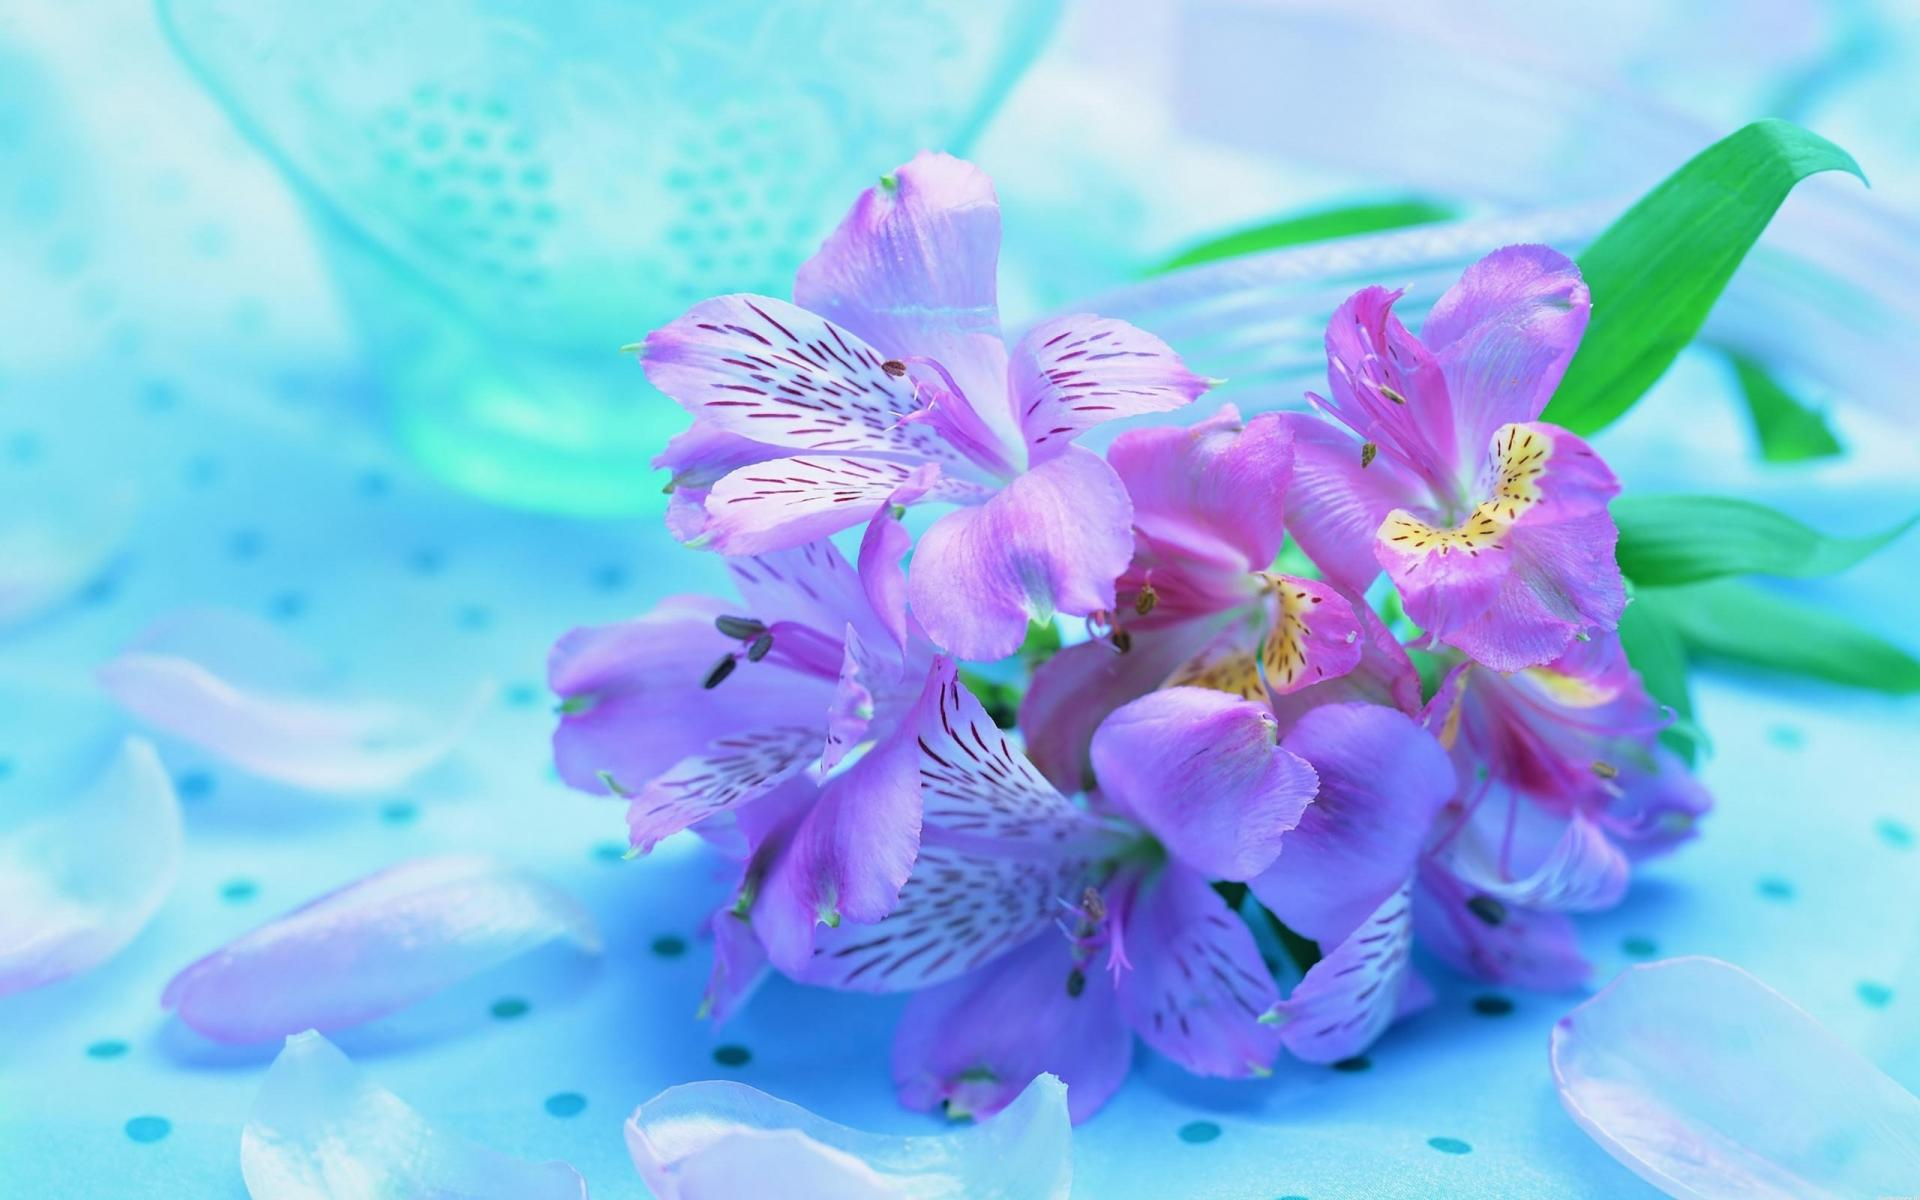 Букет ирисов яркие нежные цветы 1920x1200